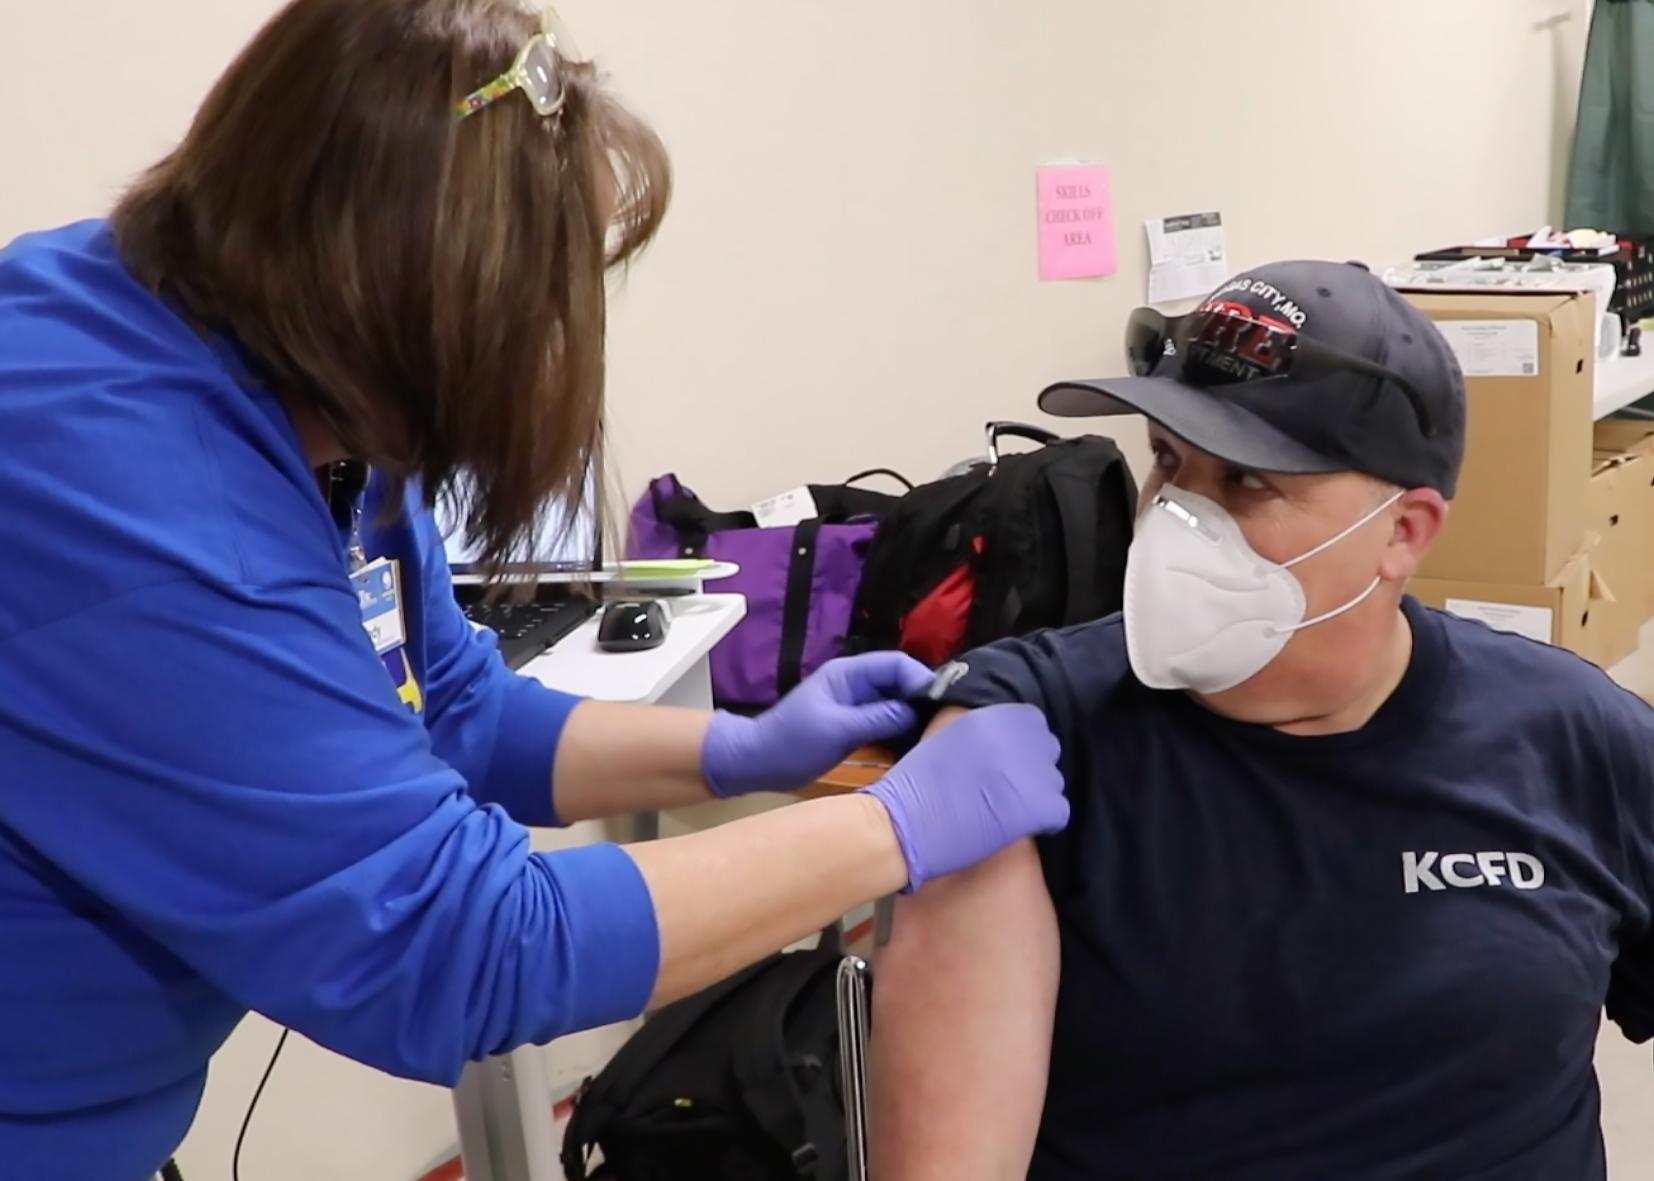 یک مرد واکسن covid-19 را دریافت می کند